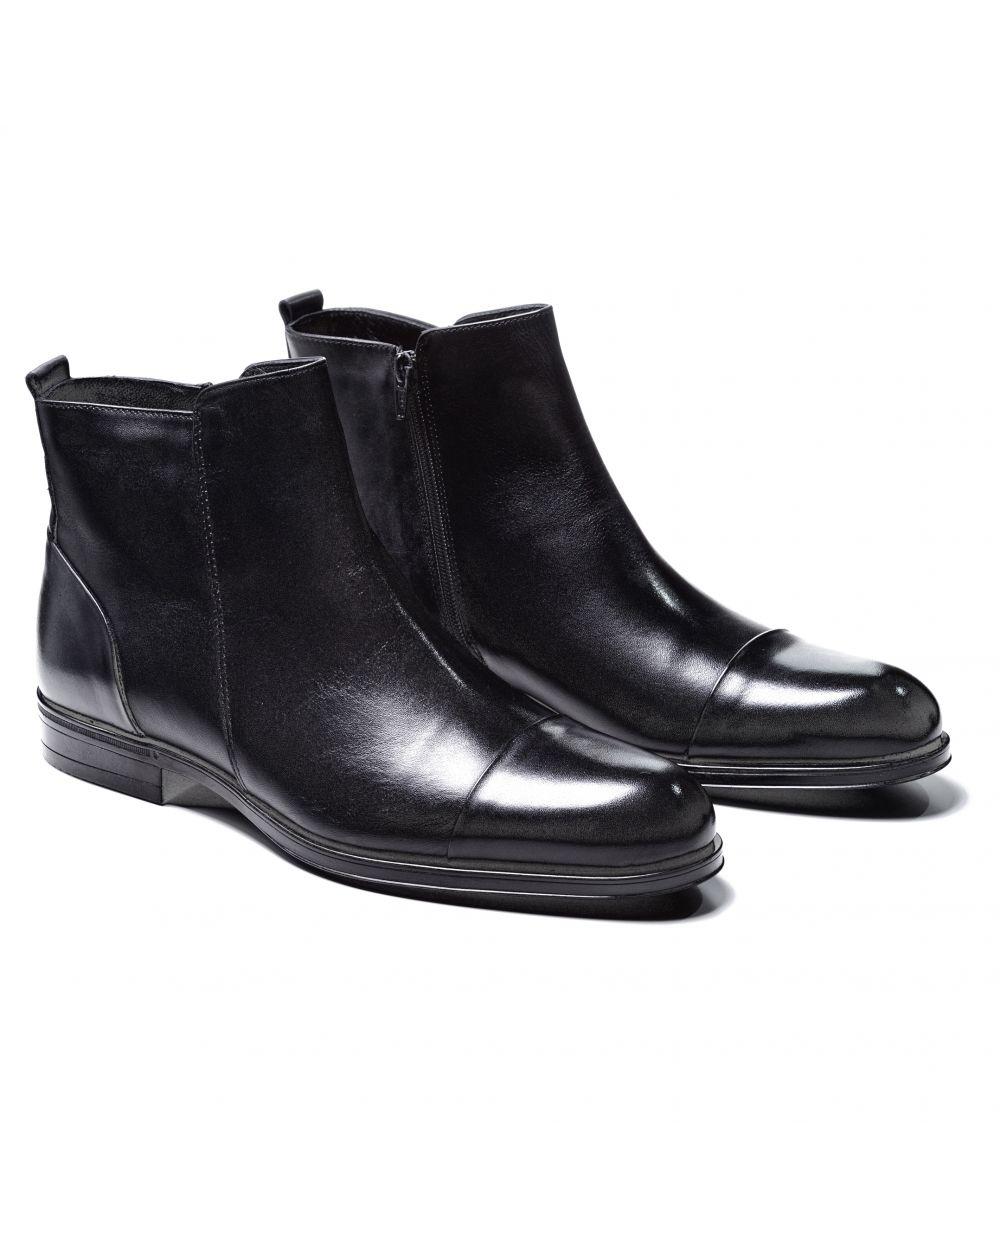 Ботинки мужские черные с отрезным мысом сбоку на замке (cap toe side zip boot)